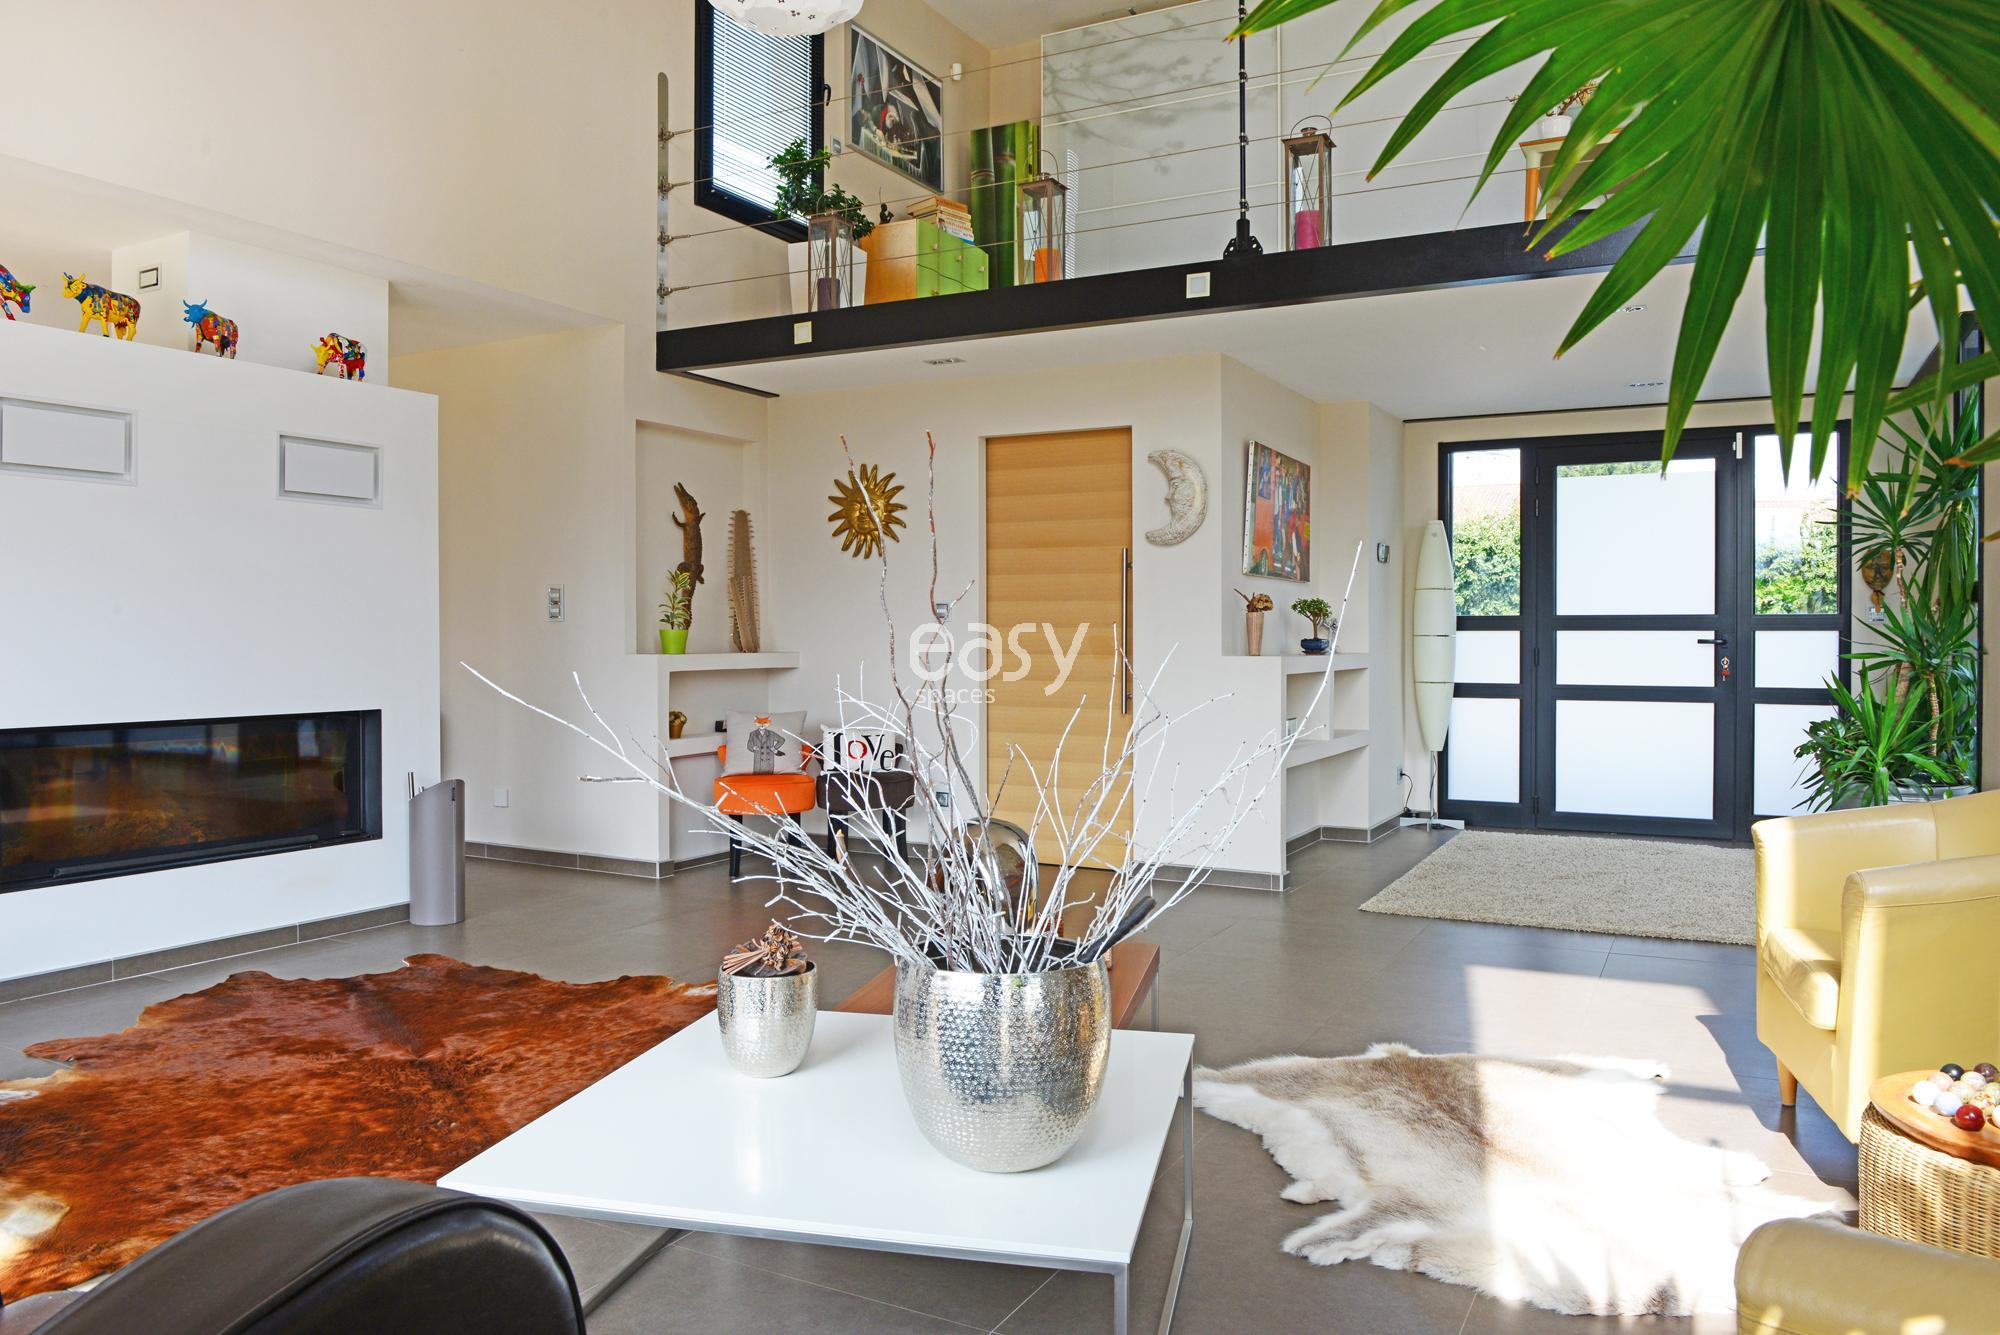 louer sa maison pour un film free louer sa maison pour un film with louer sa maison pour un. Black Bedroom Furniture Sets. Home Design Ideas